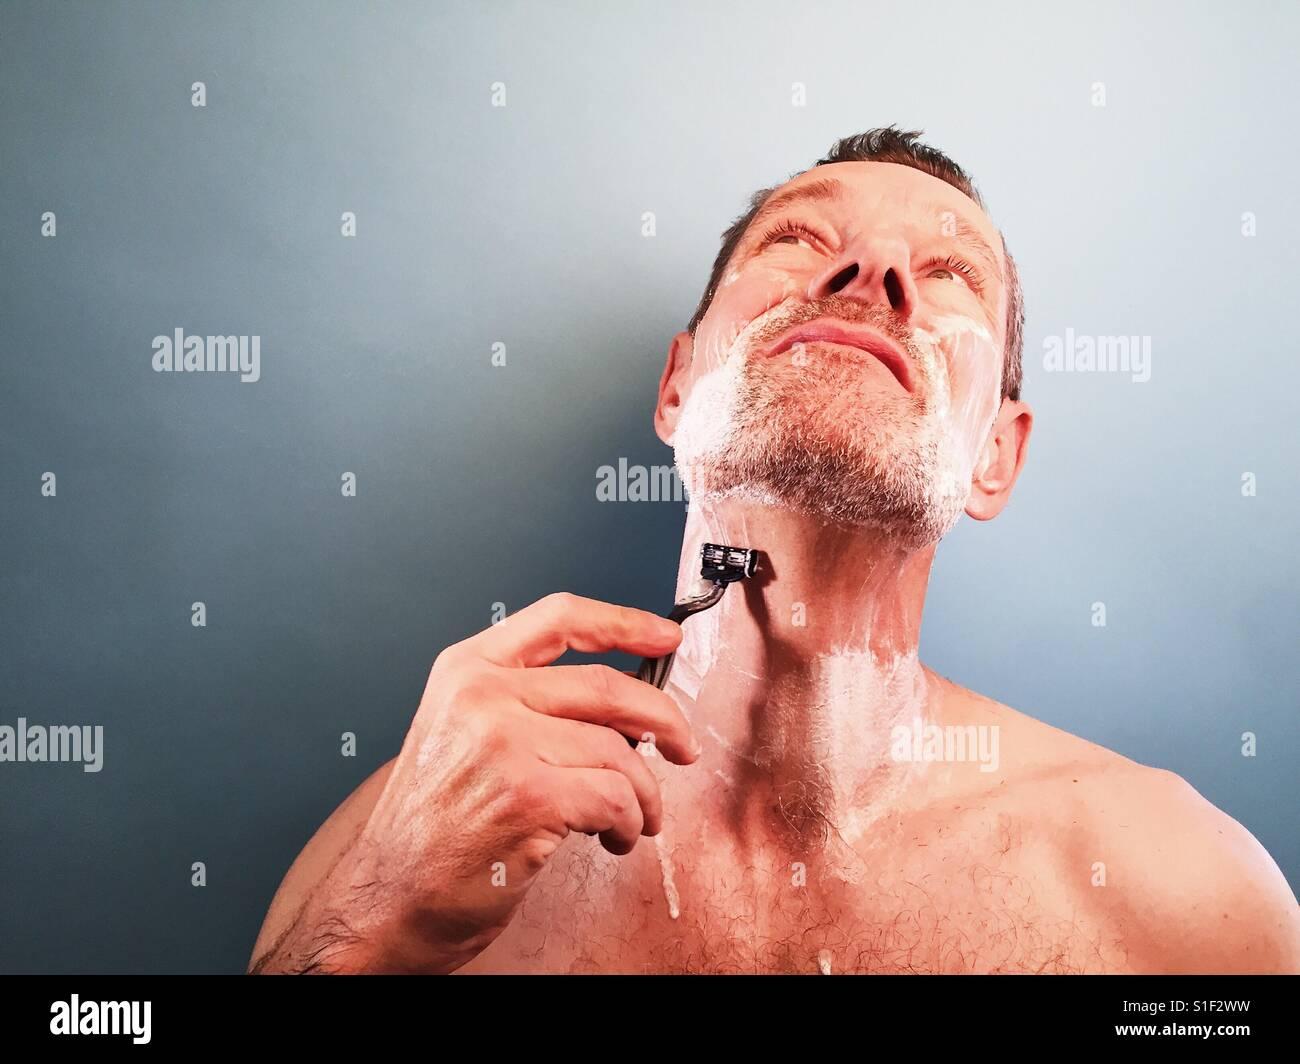 Un uomo che rade Immagini Stock